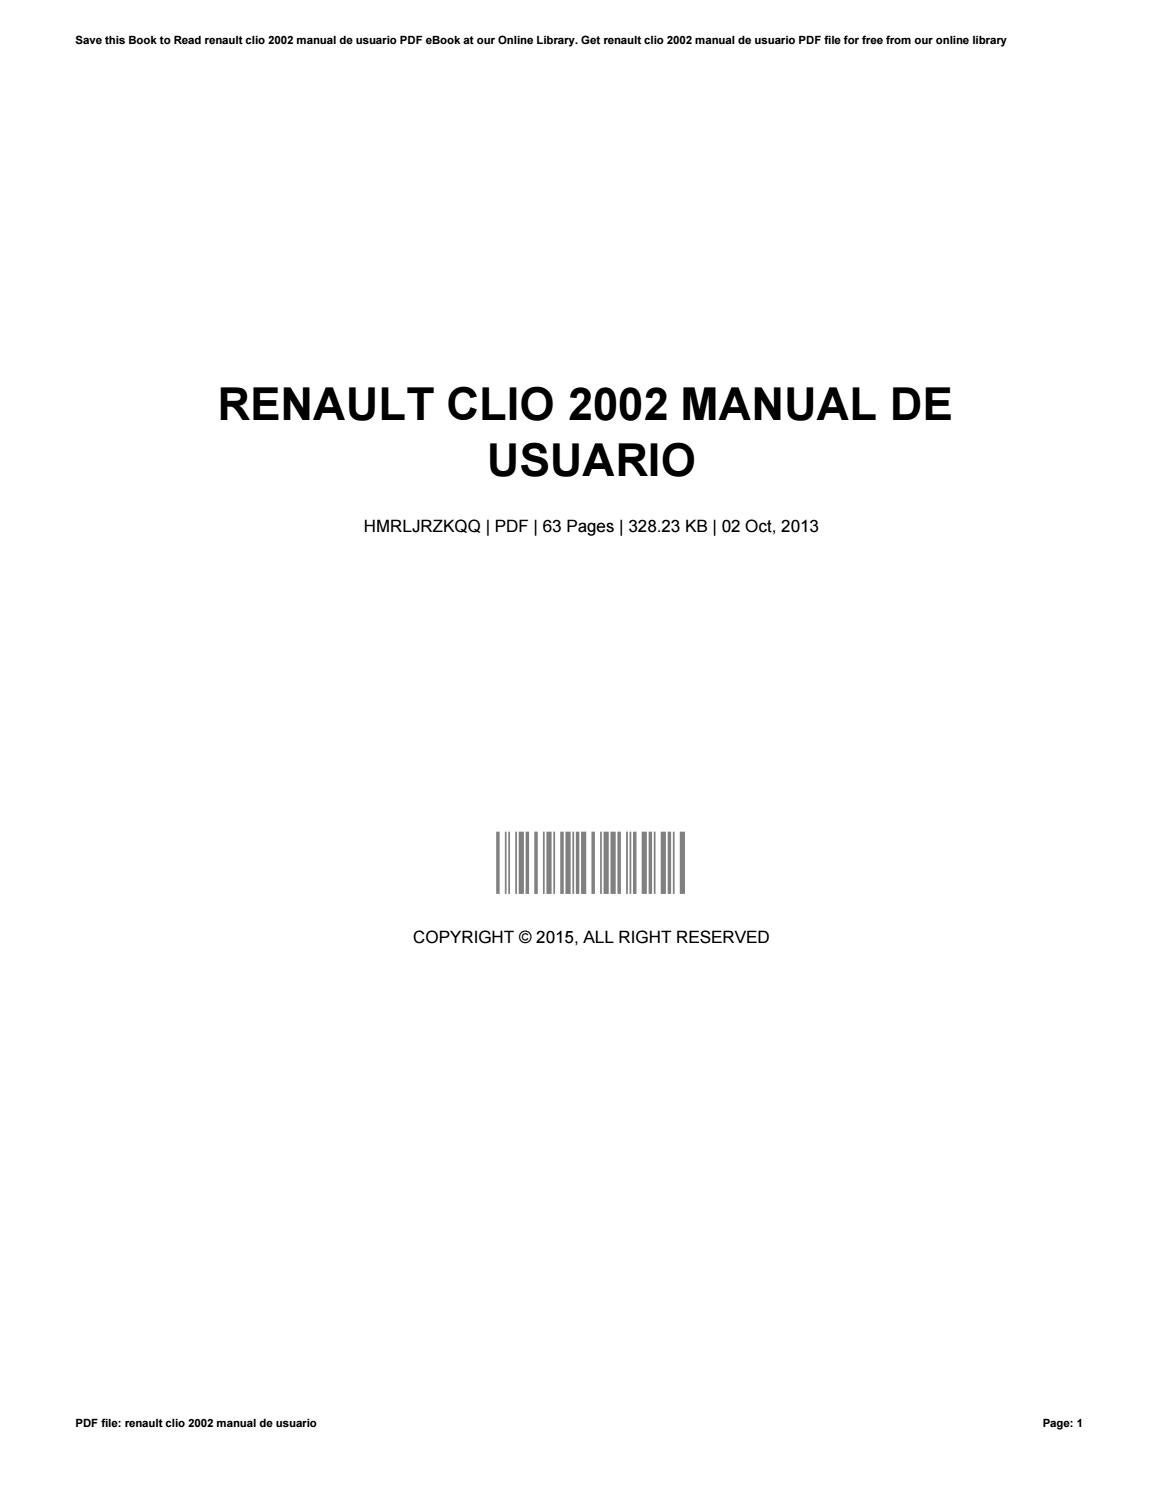 User manual renault clio 2015 ebook download array renault clio 2002 manual de usuario by gerdareagan1554 issuu rh issuu fandeluxe Image collections